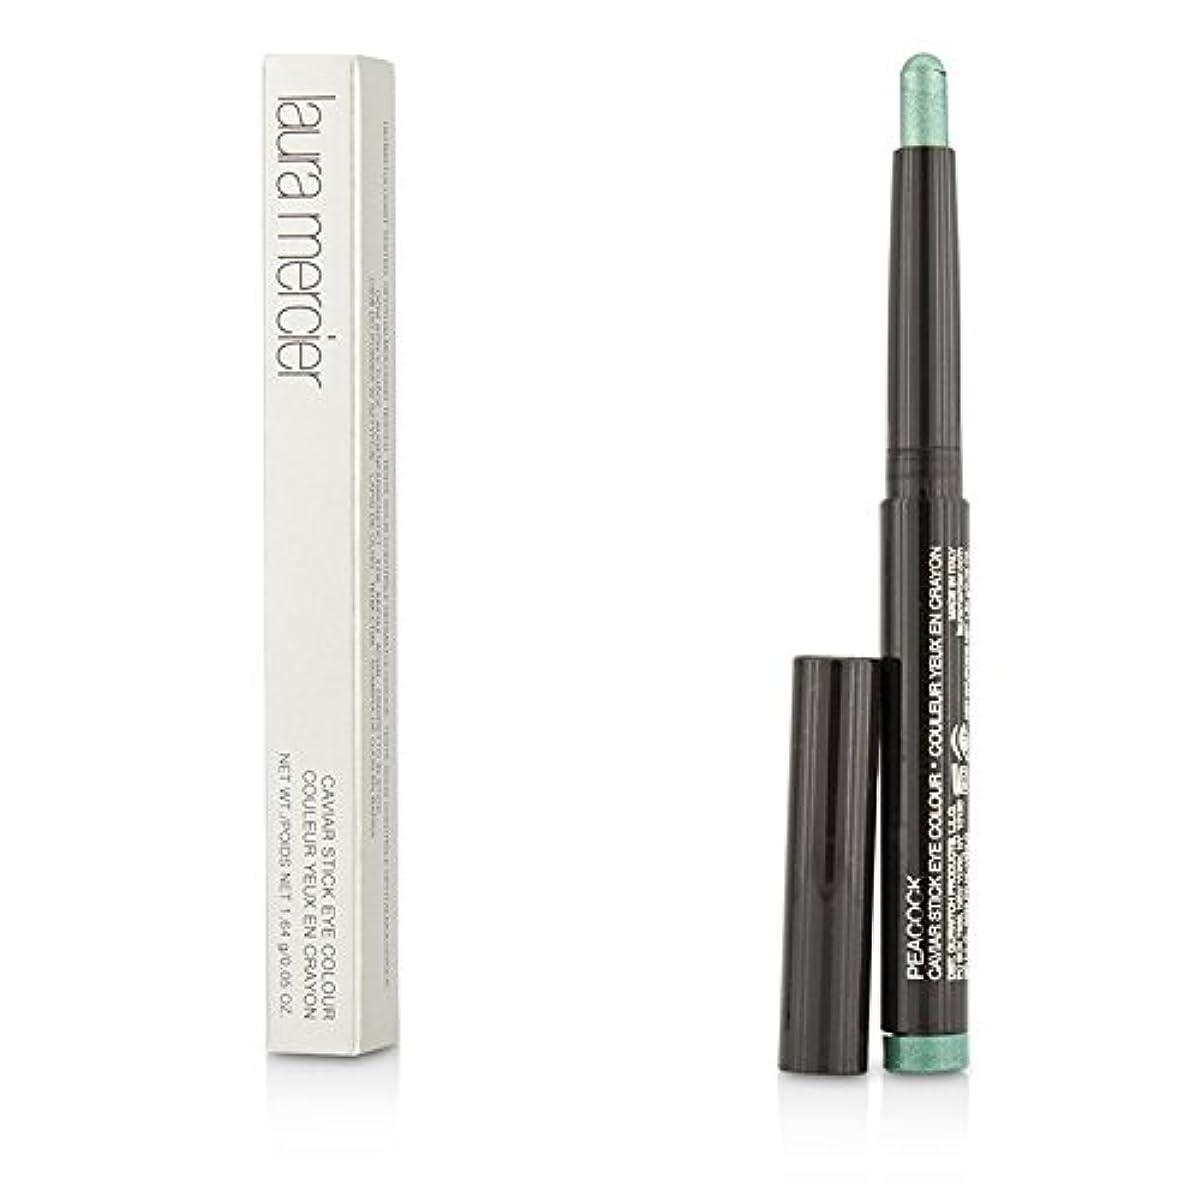 悔い改めるかんがいパイントローラメルシエ Caviar Stick Eye Color - # Peacock 1.64g/0.05oz並行輸入品